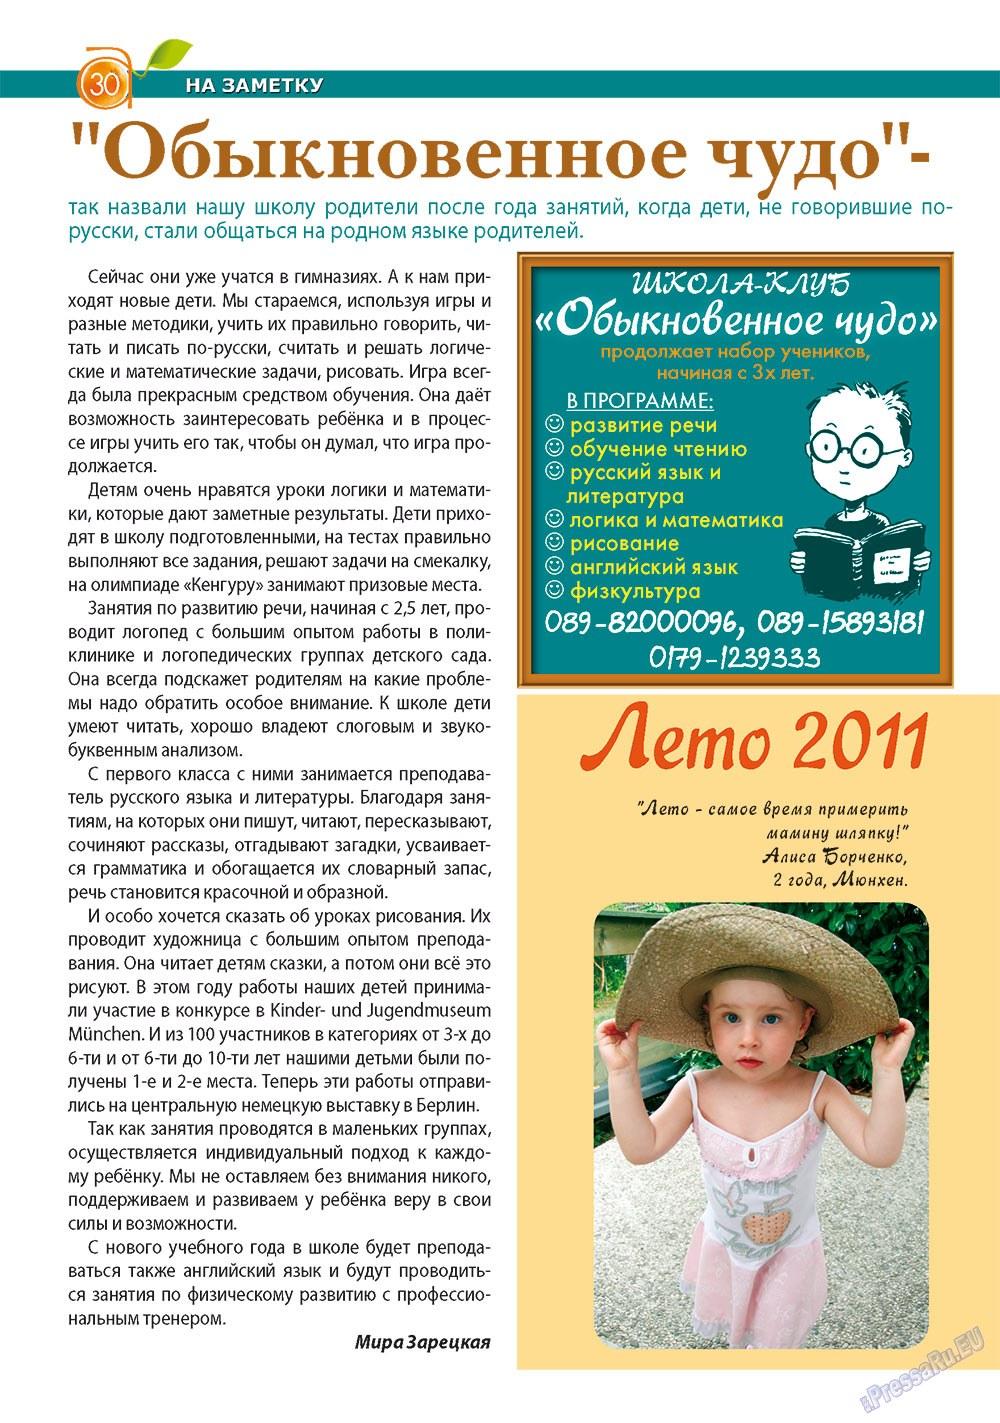 Апельсин (журнал). 2011 год, номер 26, стр. 30